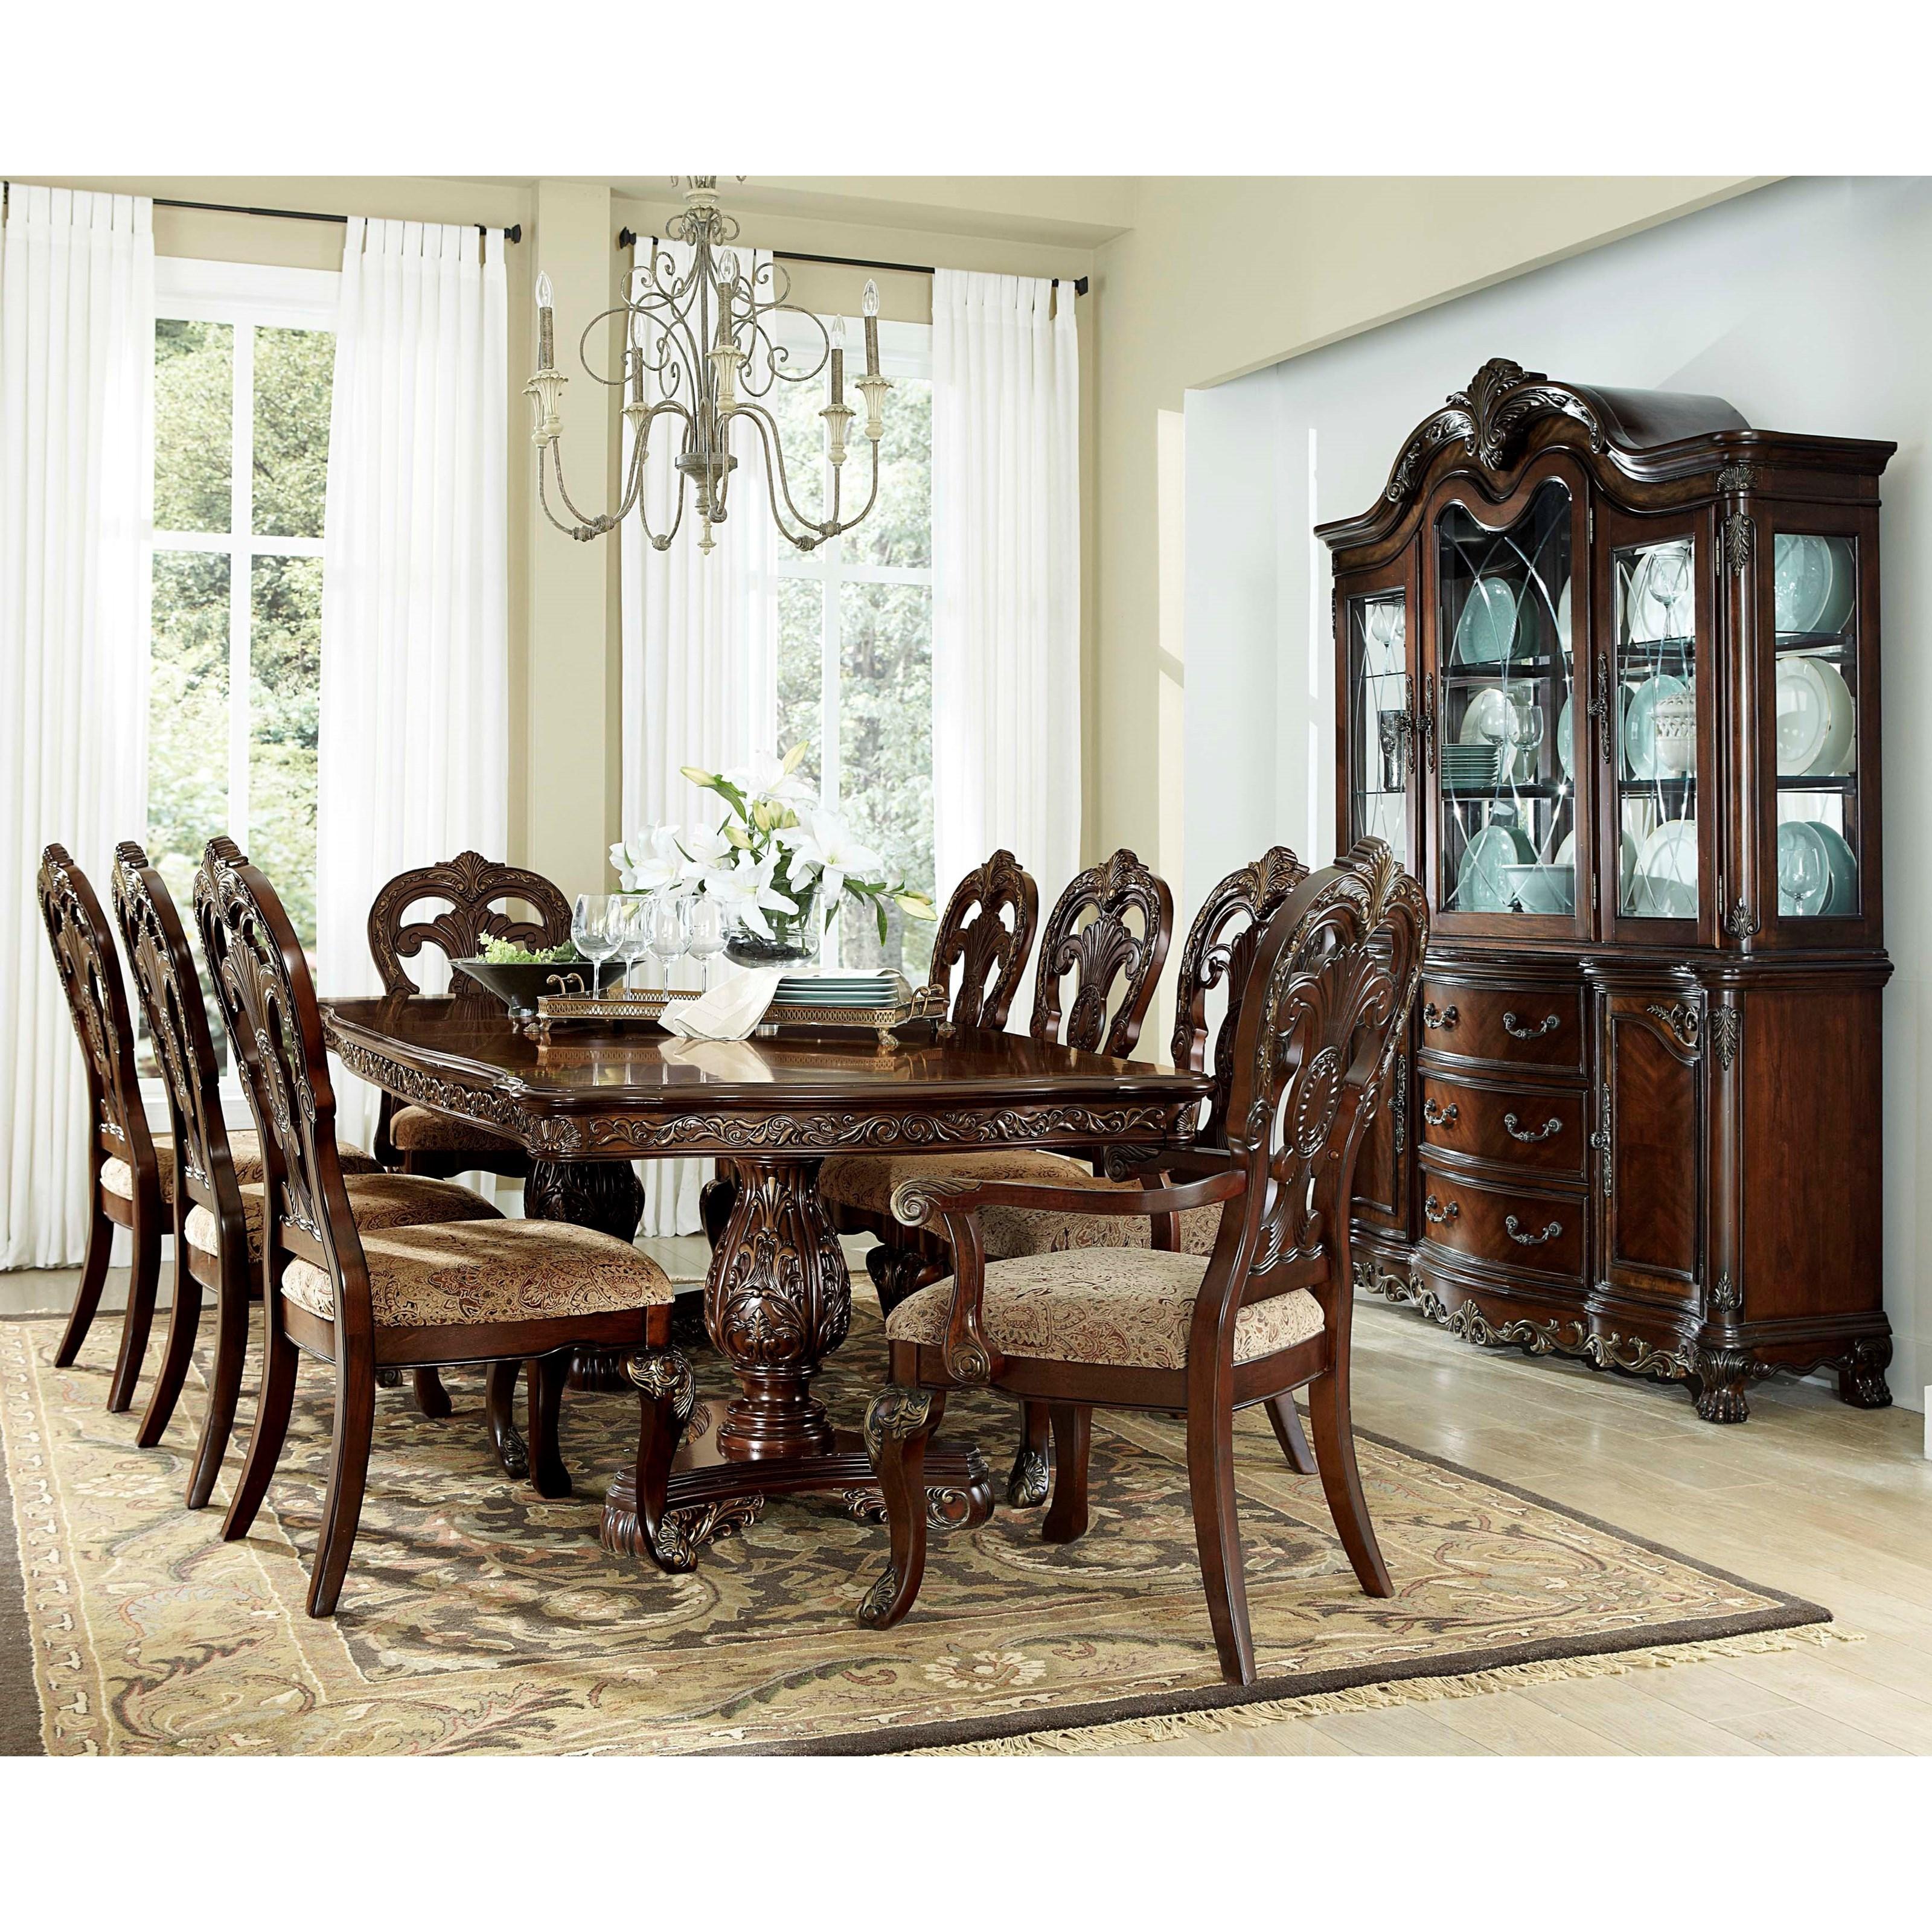 Formal Dining Room Furniture: Homelegance Deryn Park Formal Dining Room Group